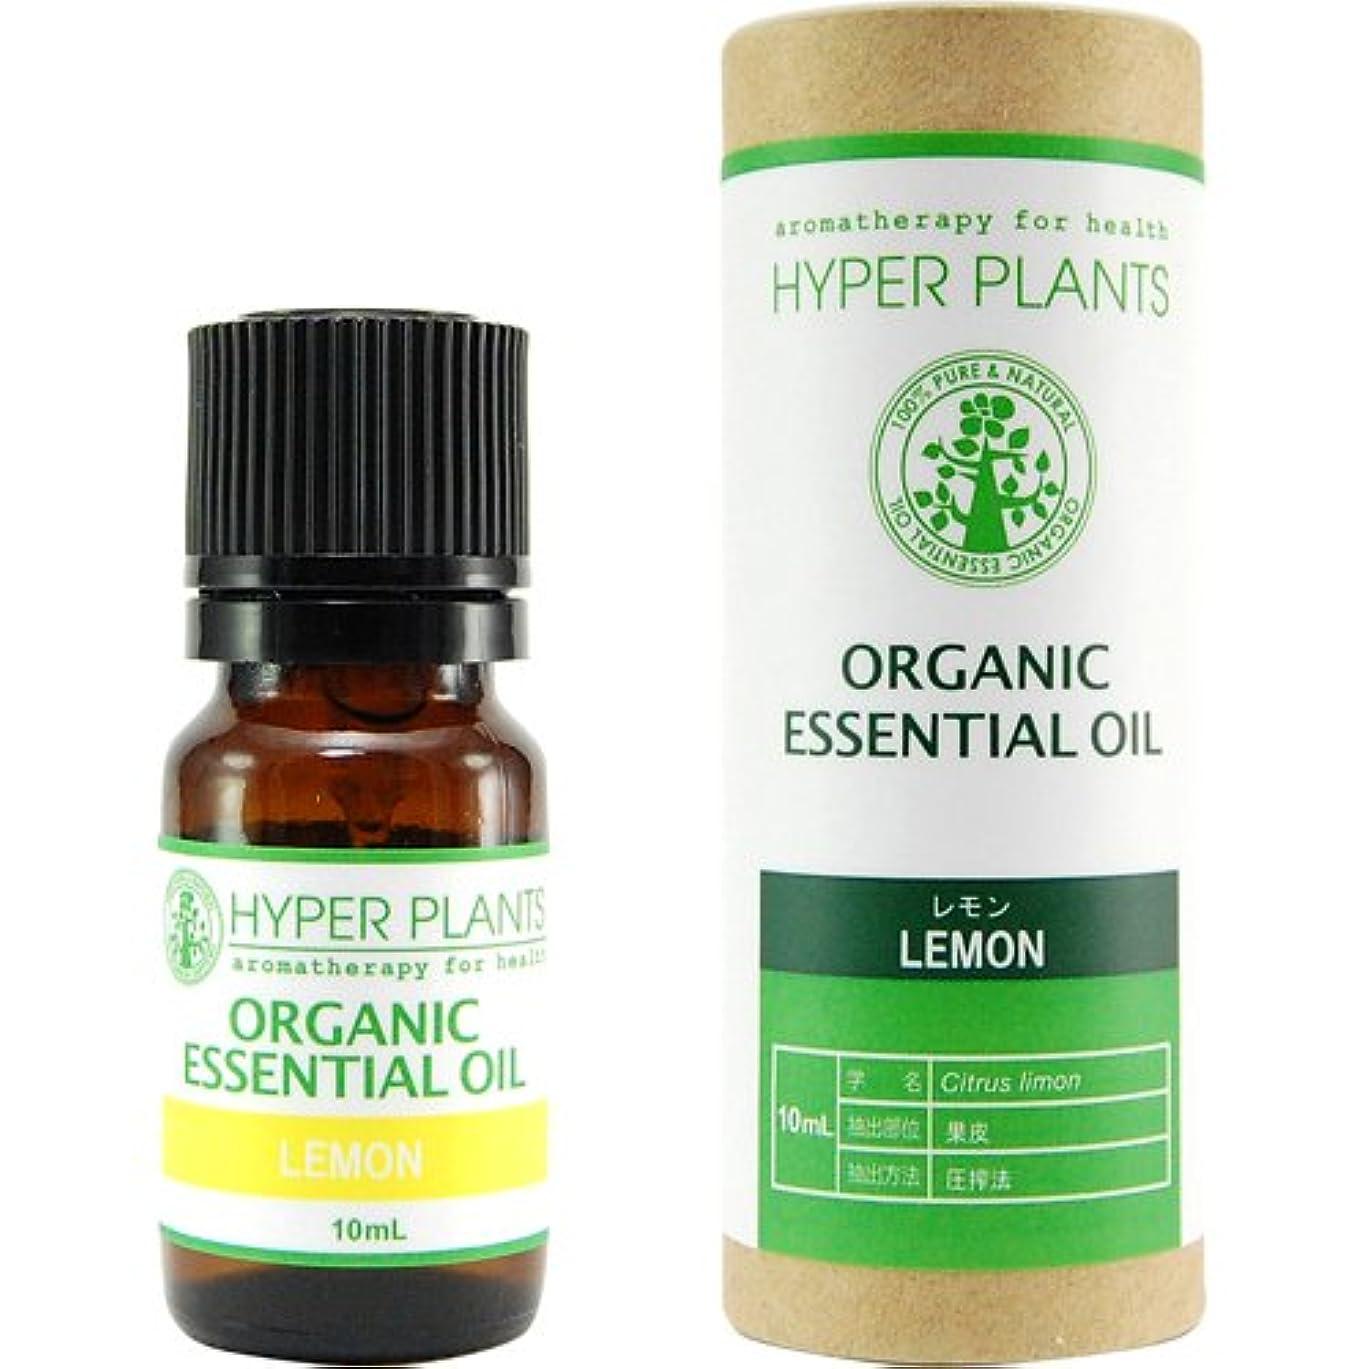 汚れた代理人ペレグリネーションHYPER PLANTS ハイパープランツ オーガニックエッセンシャルオイル レモン 10ml HE0218